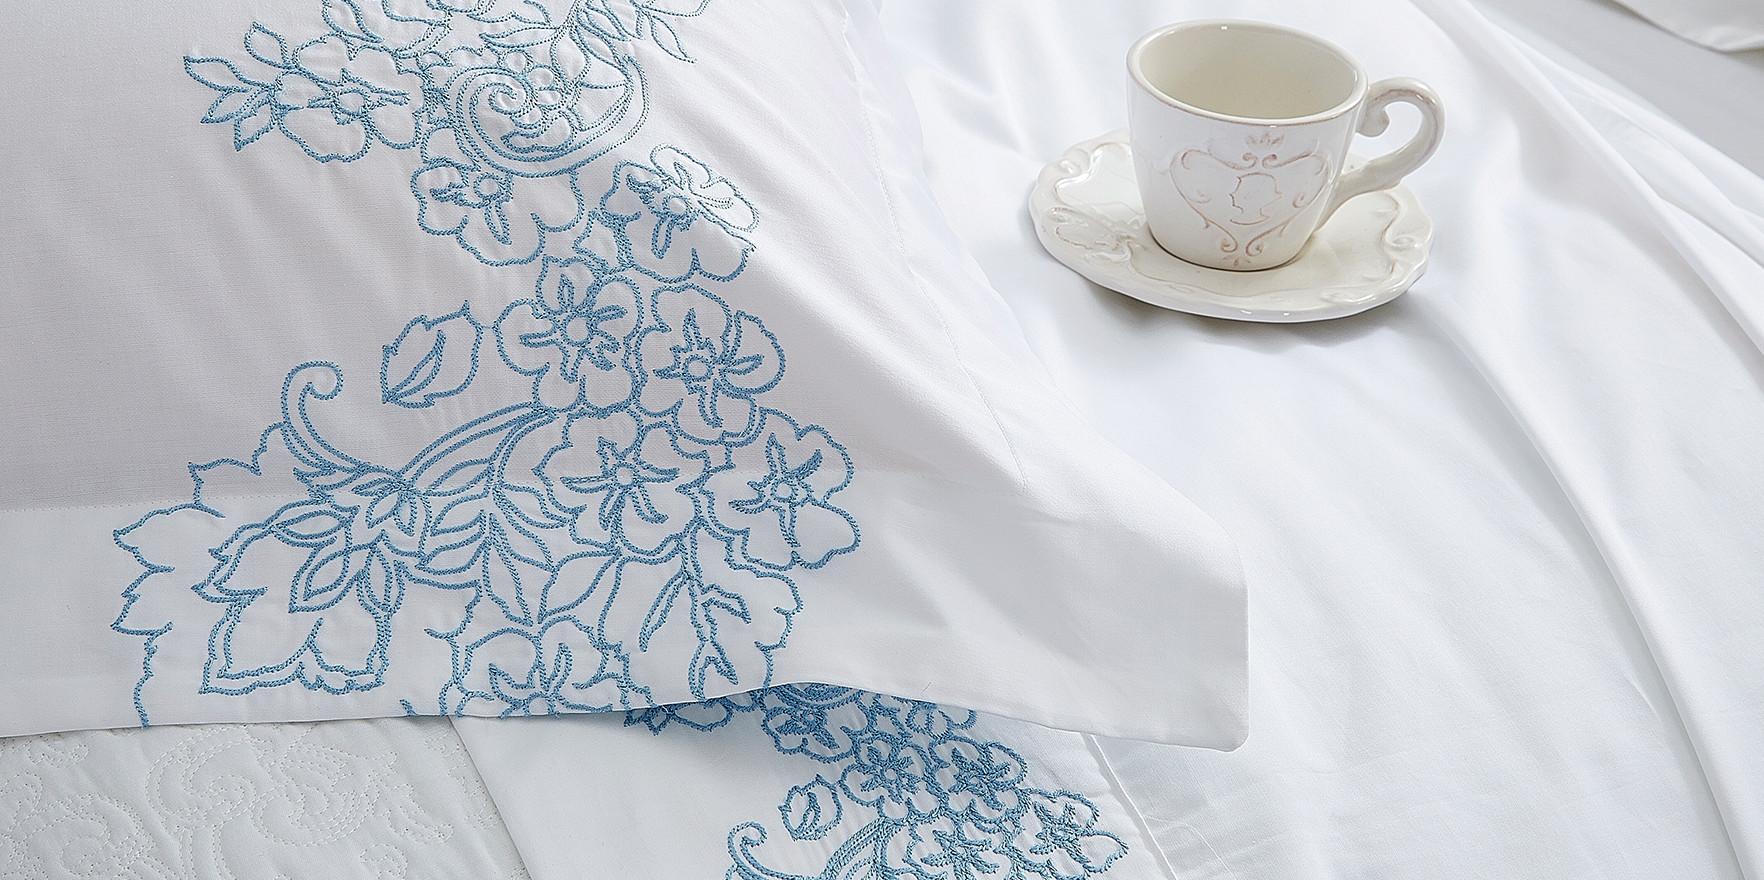 Flowers Azul Detalhe do Bordado